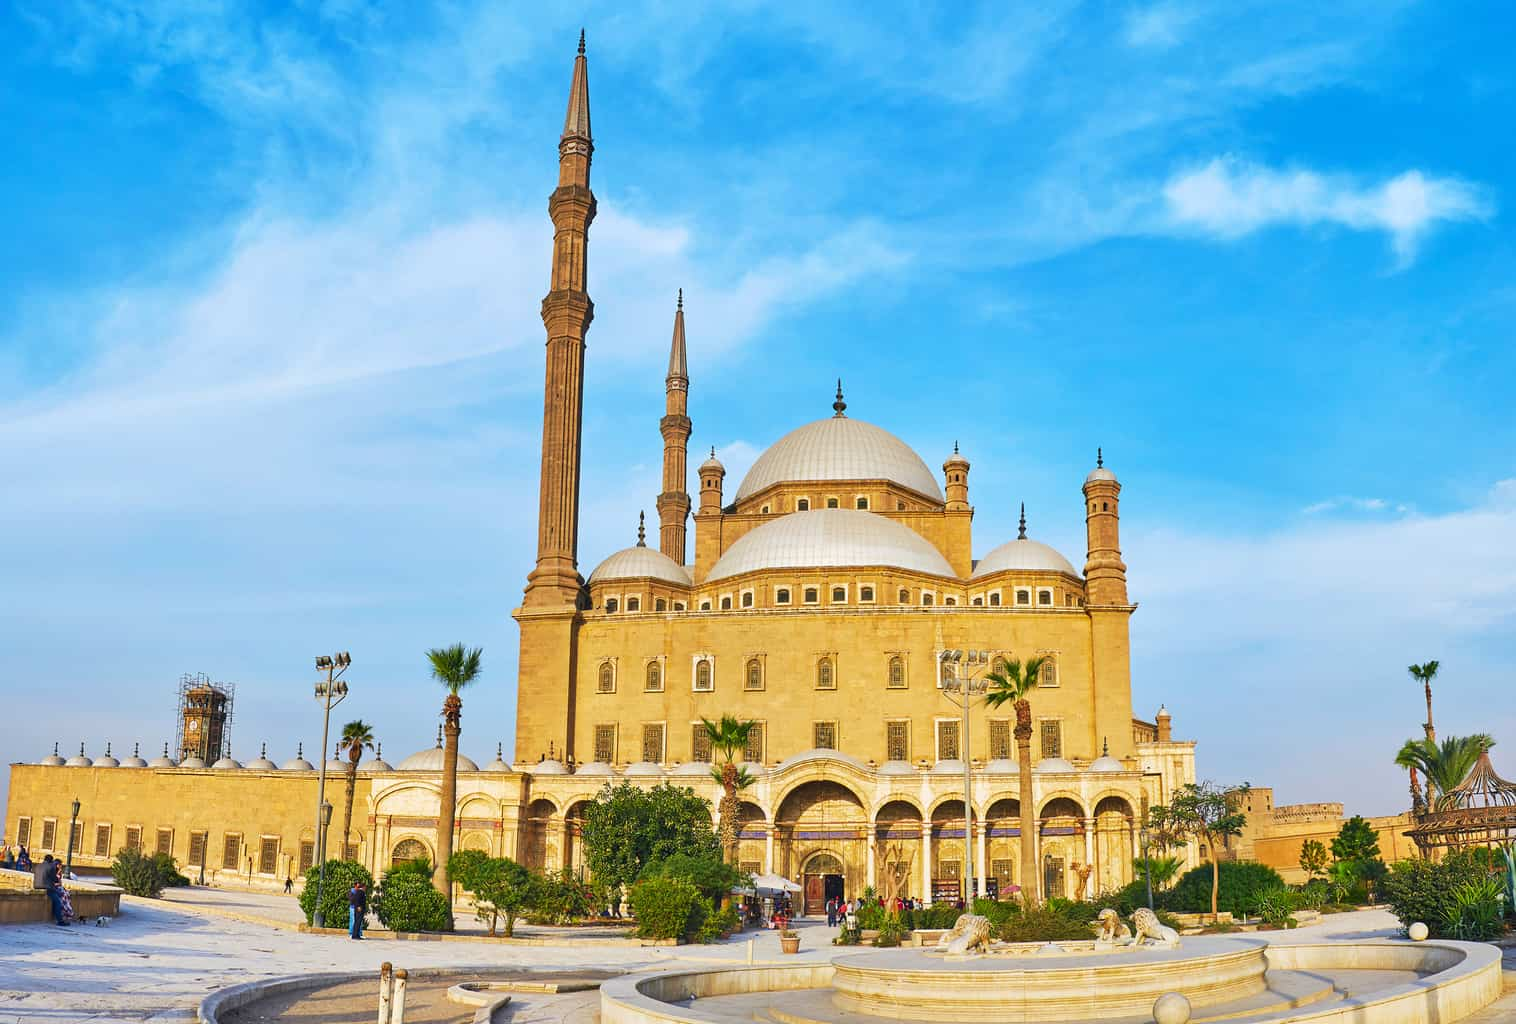 A-Mesquita-de-Muhammad-Ali-é-uma-das-edificações-religiosas-da-Cidadela-do-Cairo-que-conta-com-traços-islâmicos.